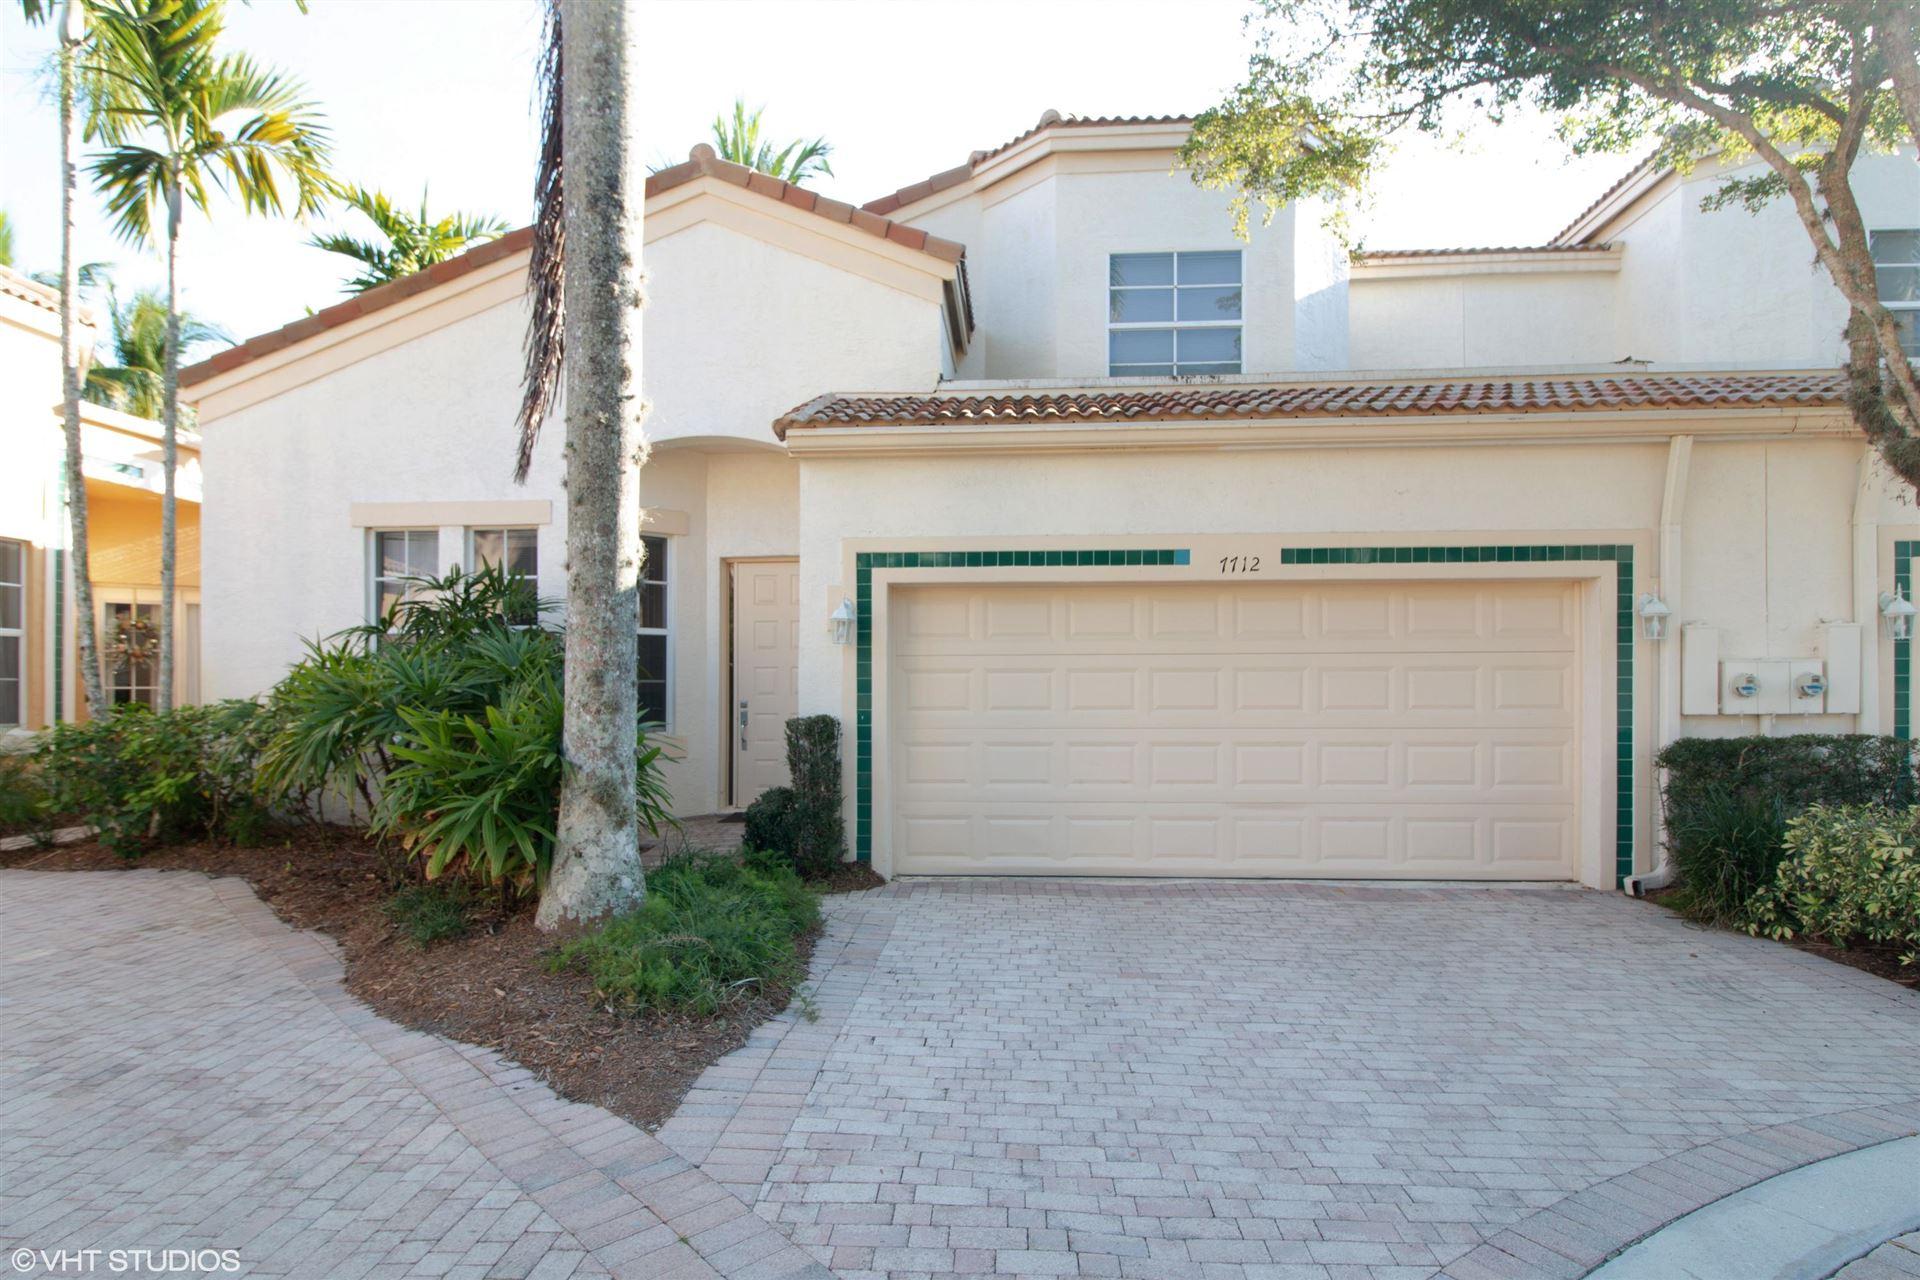 7712 Bougainvillea Court, West Palm Beach, FL 33412 - #: RX-10659469